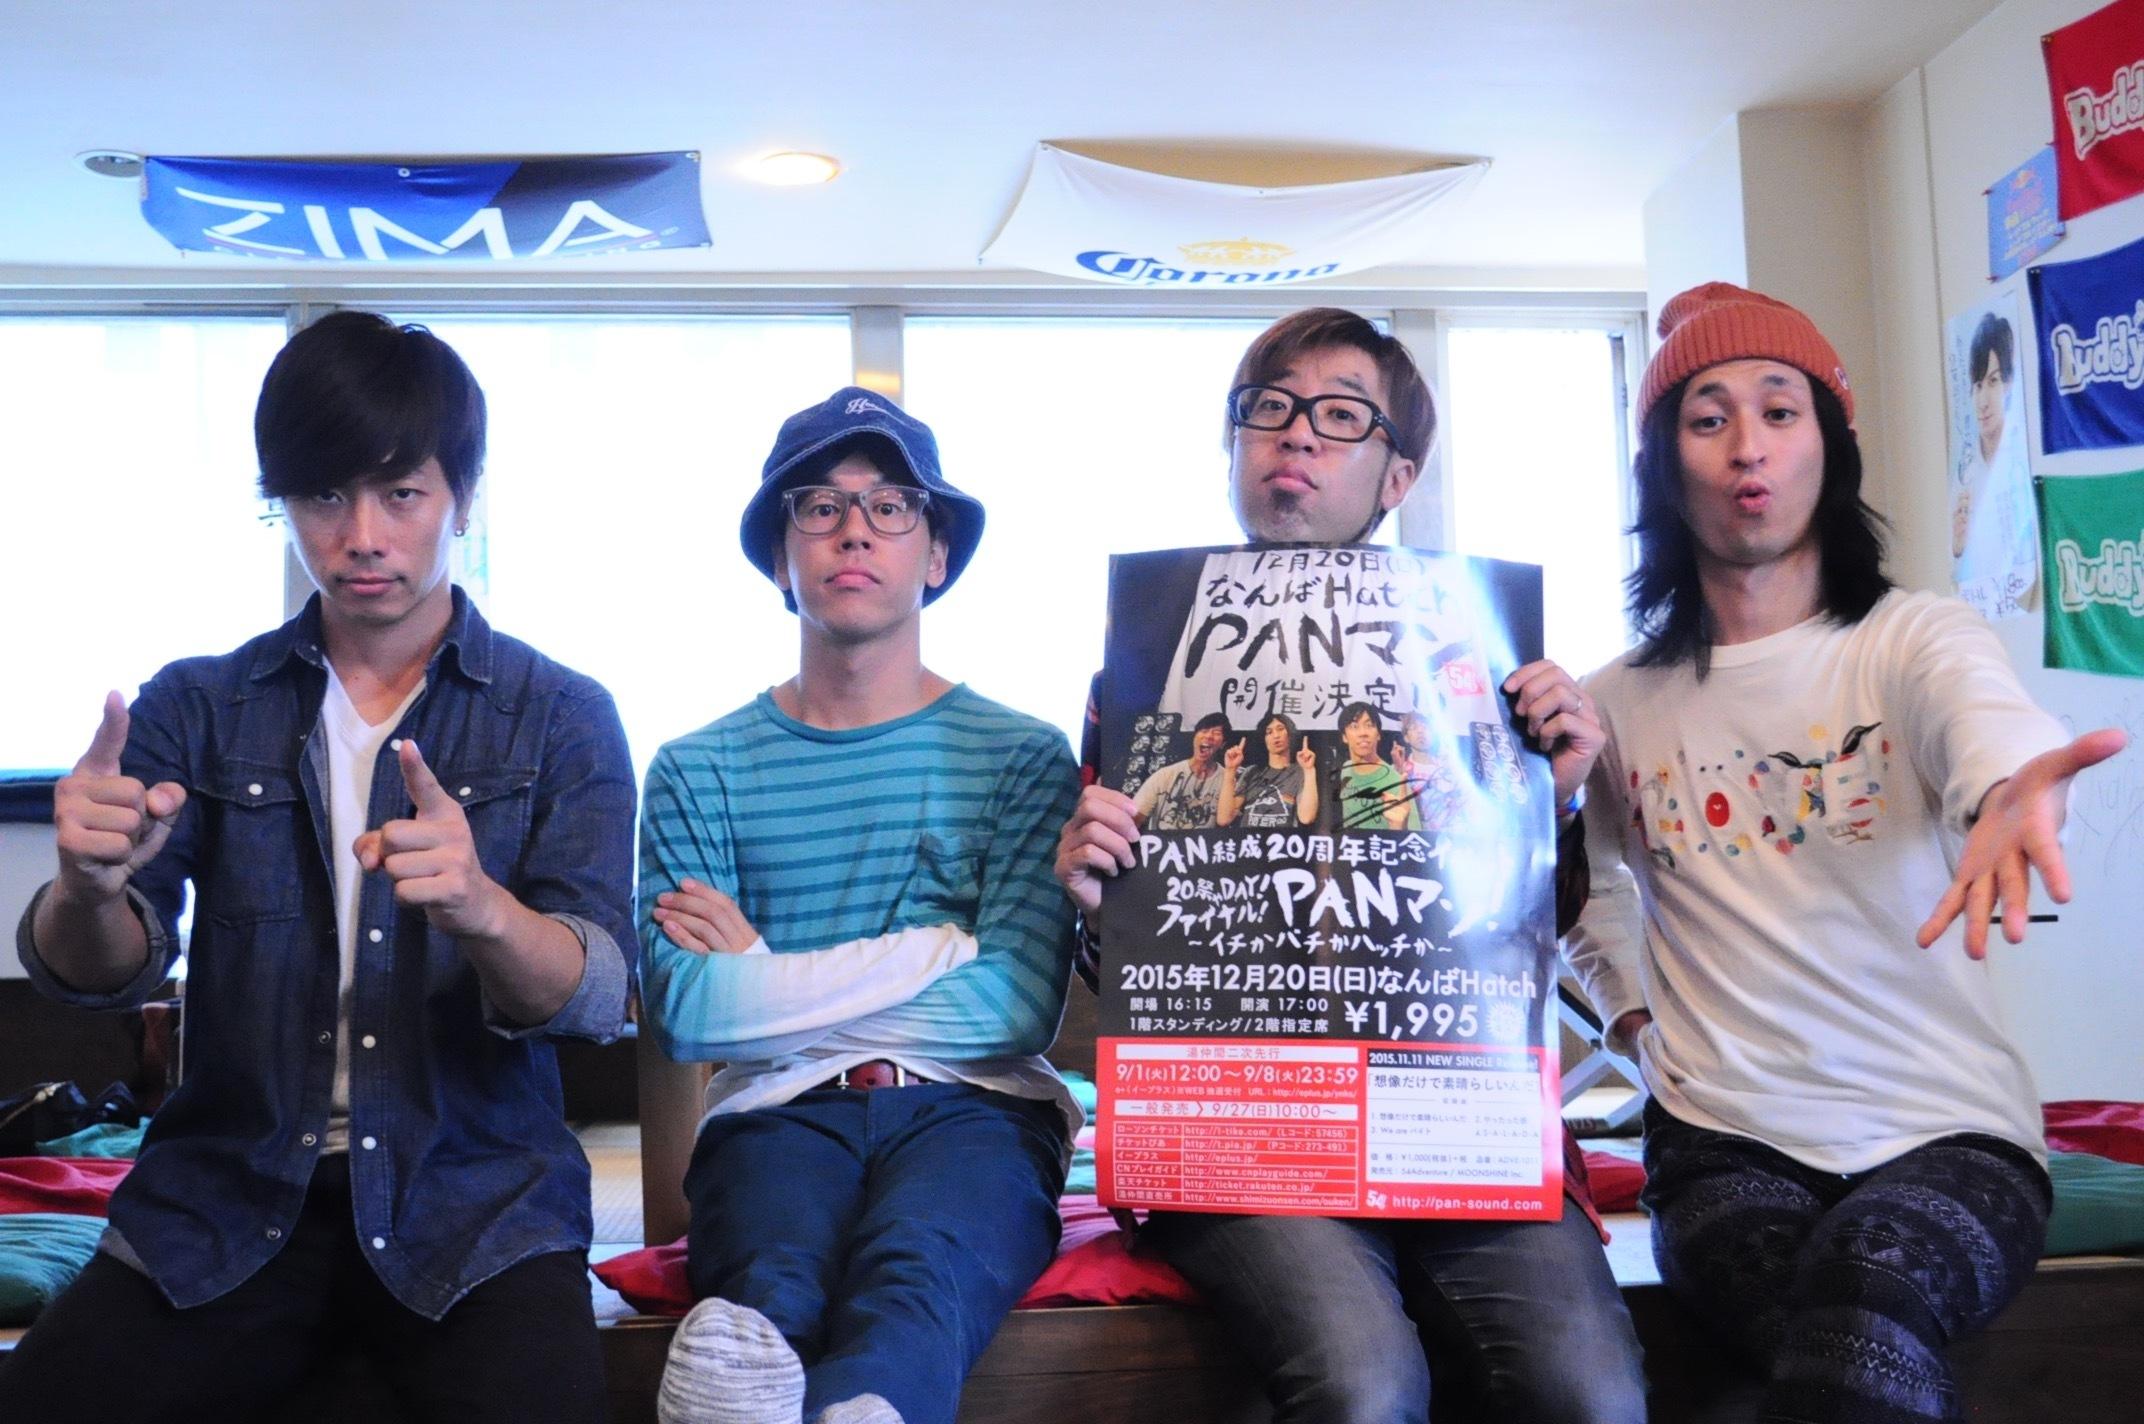 PAN(写真左から、よこしん / 川さん / ゴッチ / ダイスケ)